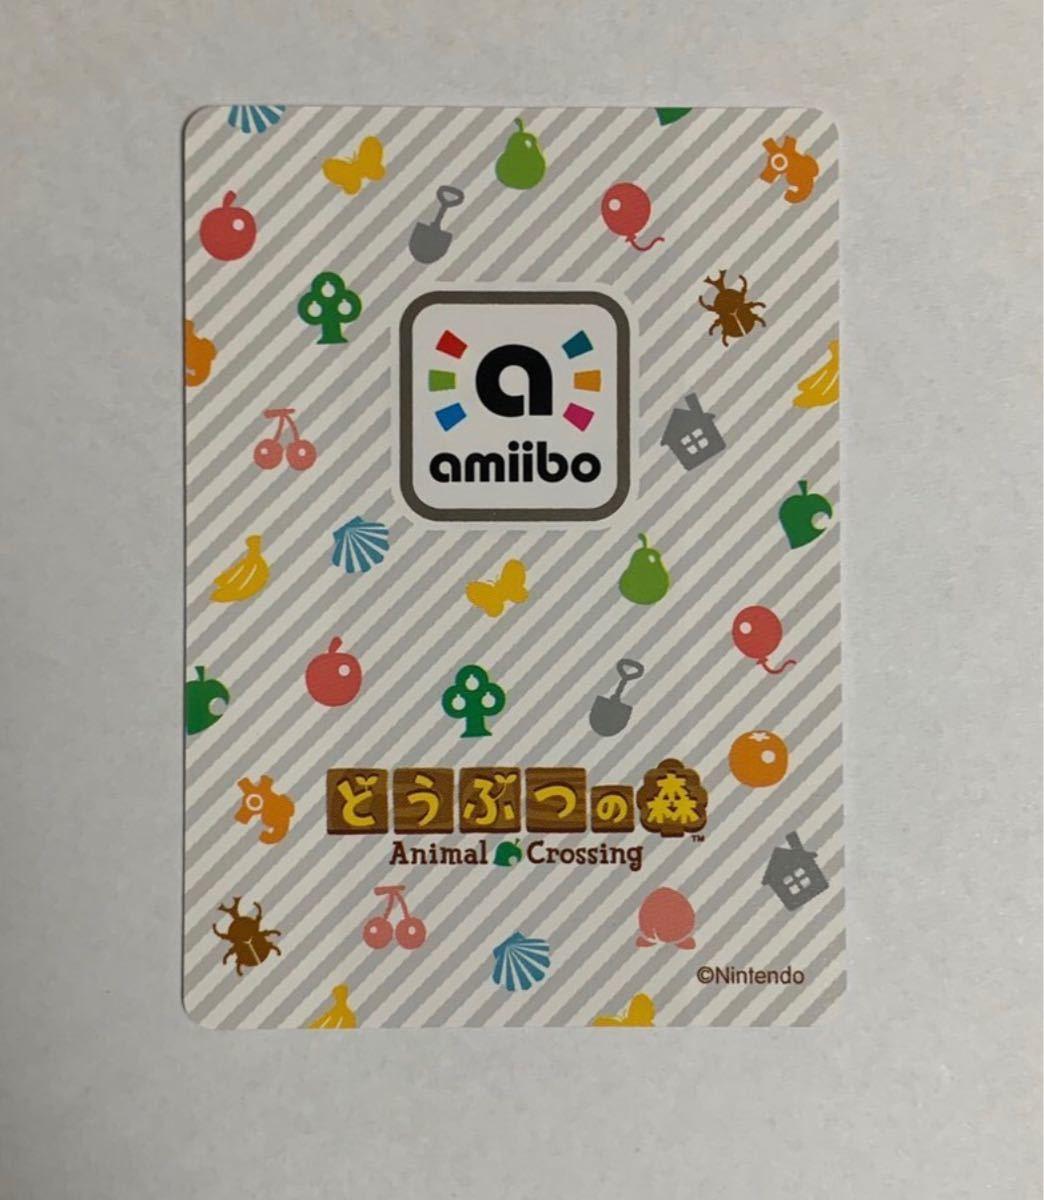 どうぶつの森 amiiboカード あつまれどうぶつの森 第二弾 カール amiibo アミーボ アミーボカード 新品 カード